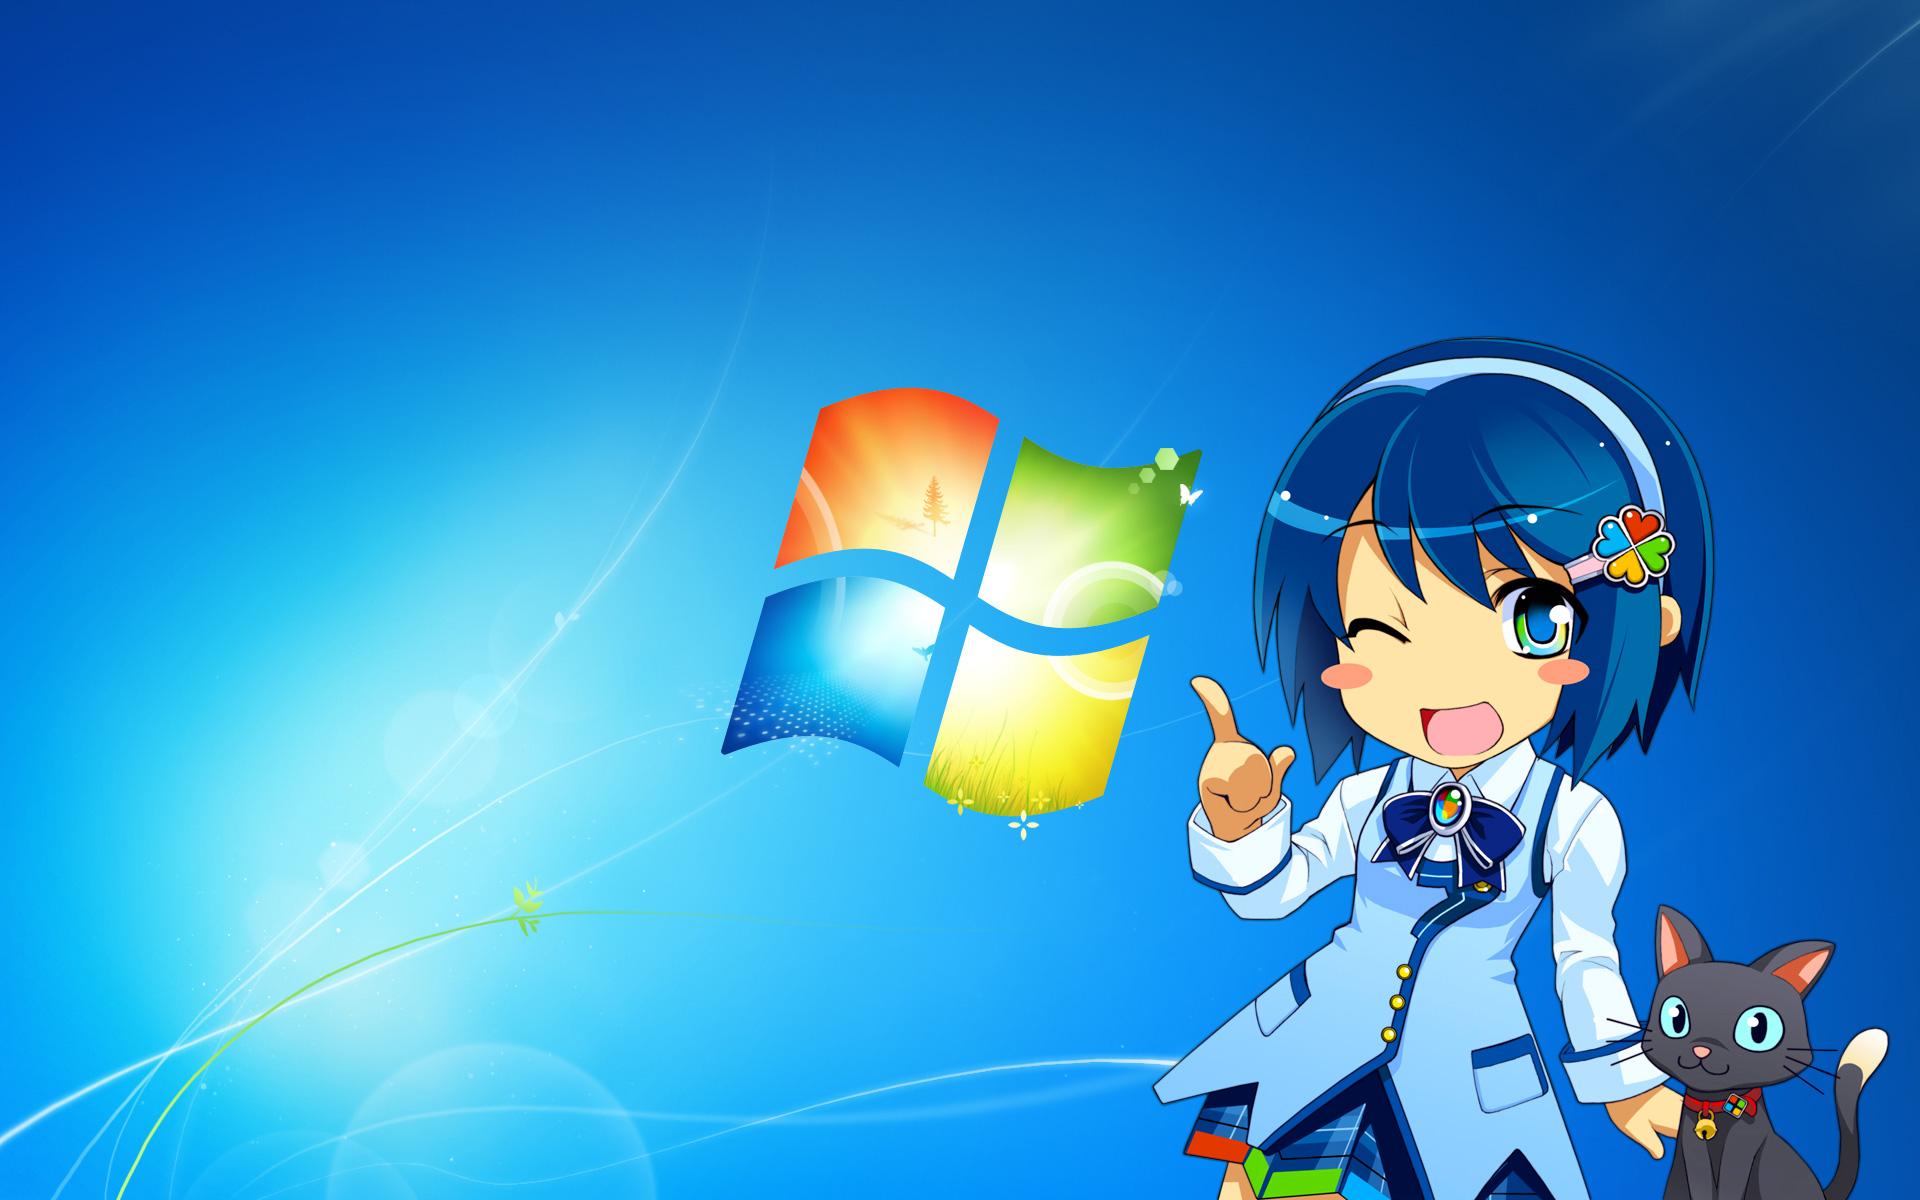 要买windows 7的赶紧 微软10月30日之后停售win7/win8图片